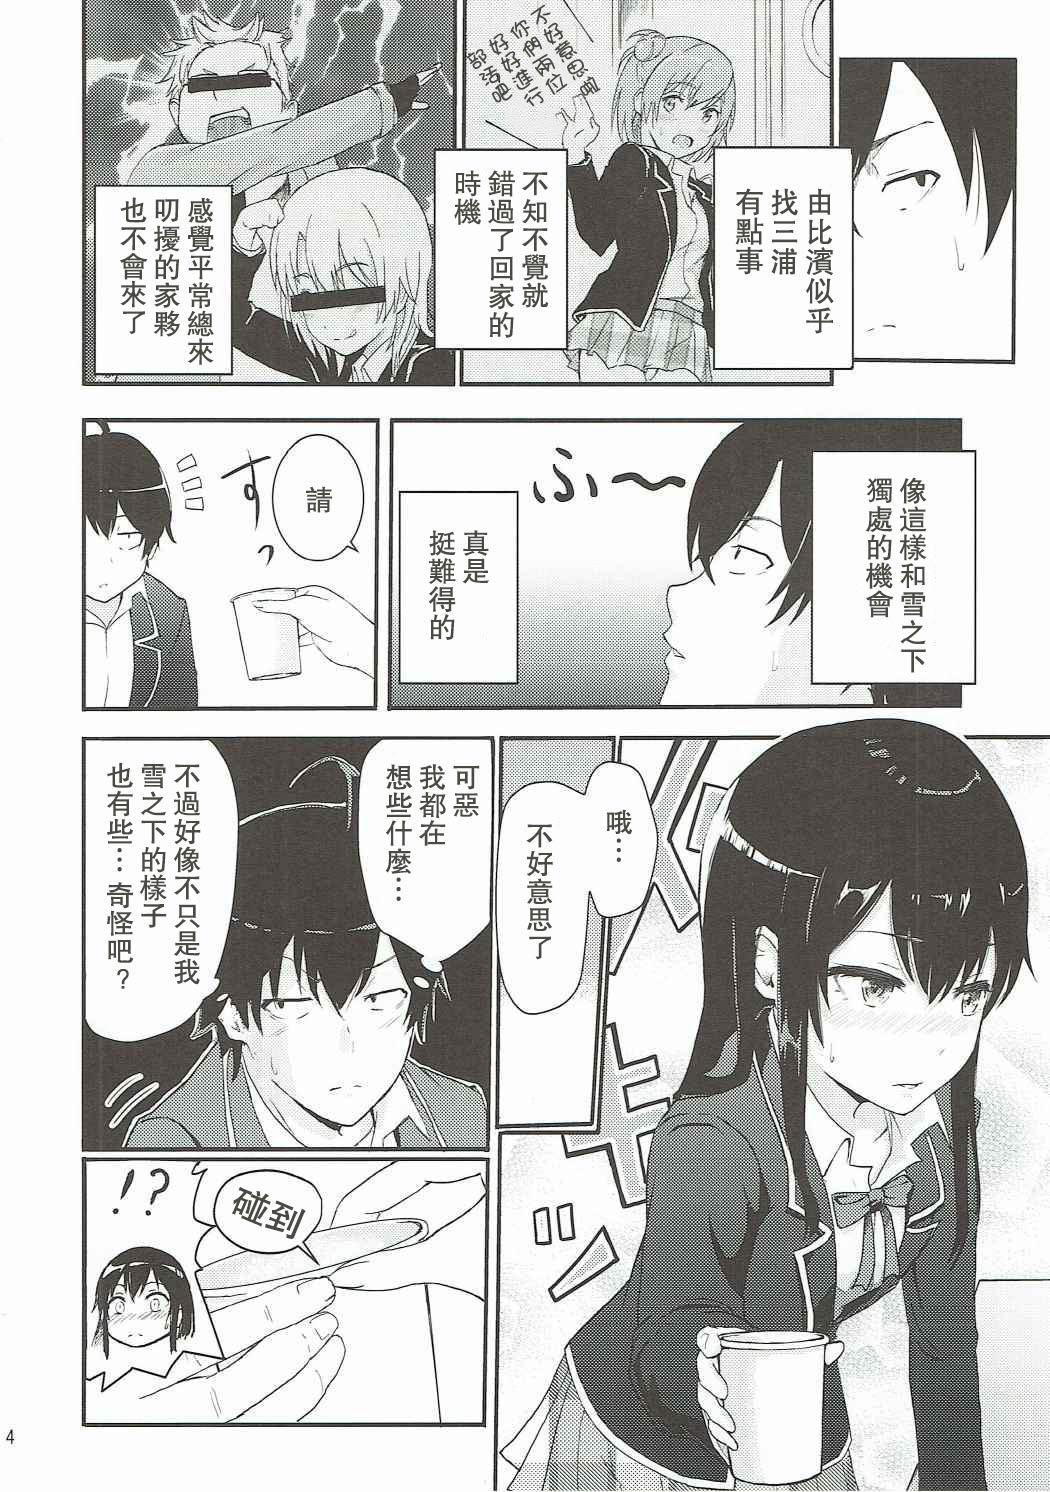 Yukino 3